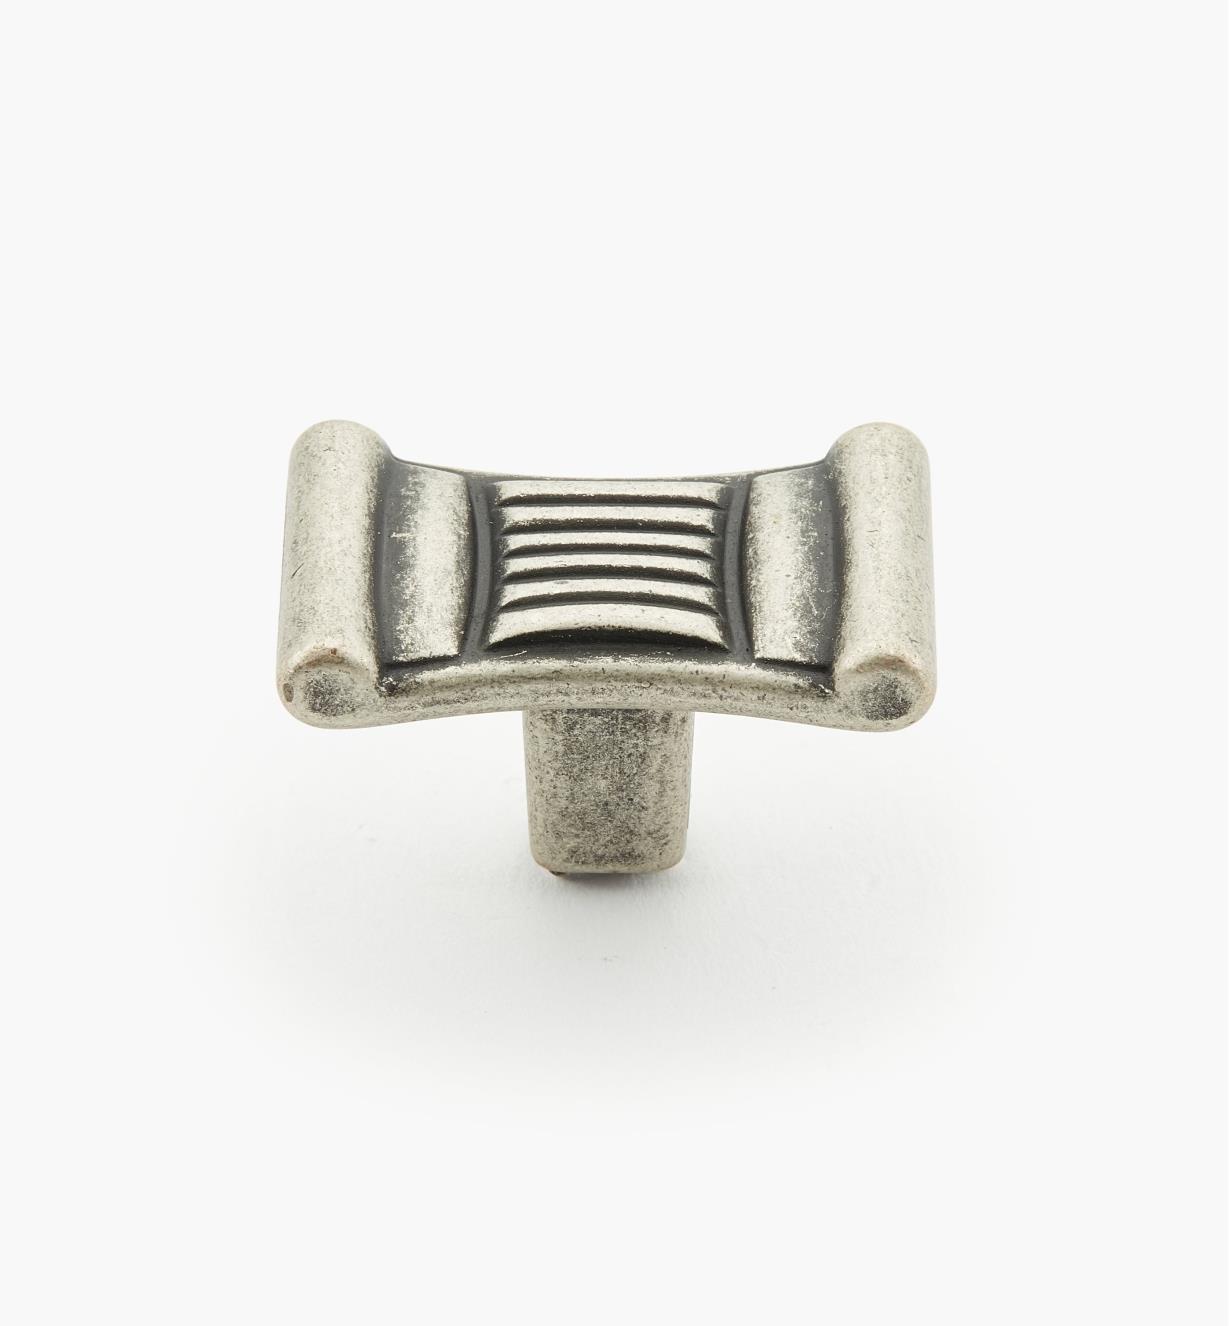 00A7240 - 35mm × 21mm Knob